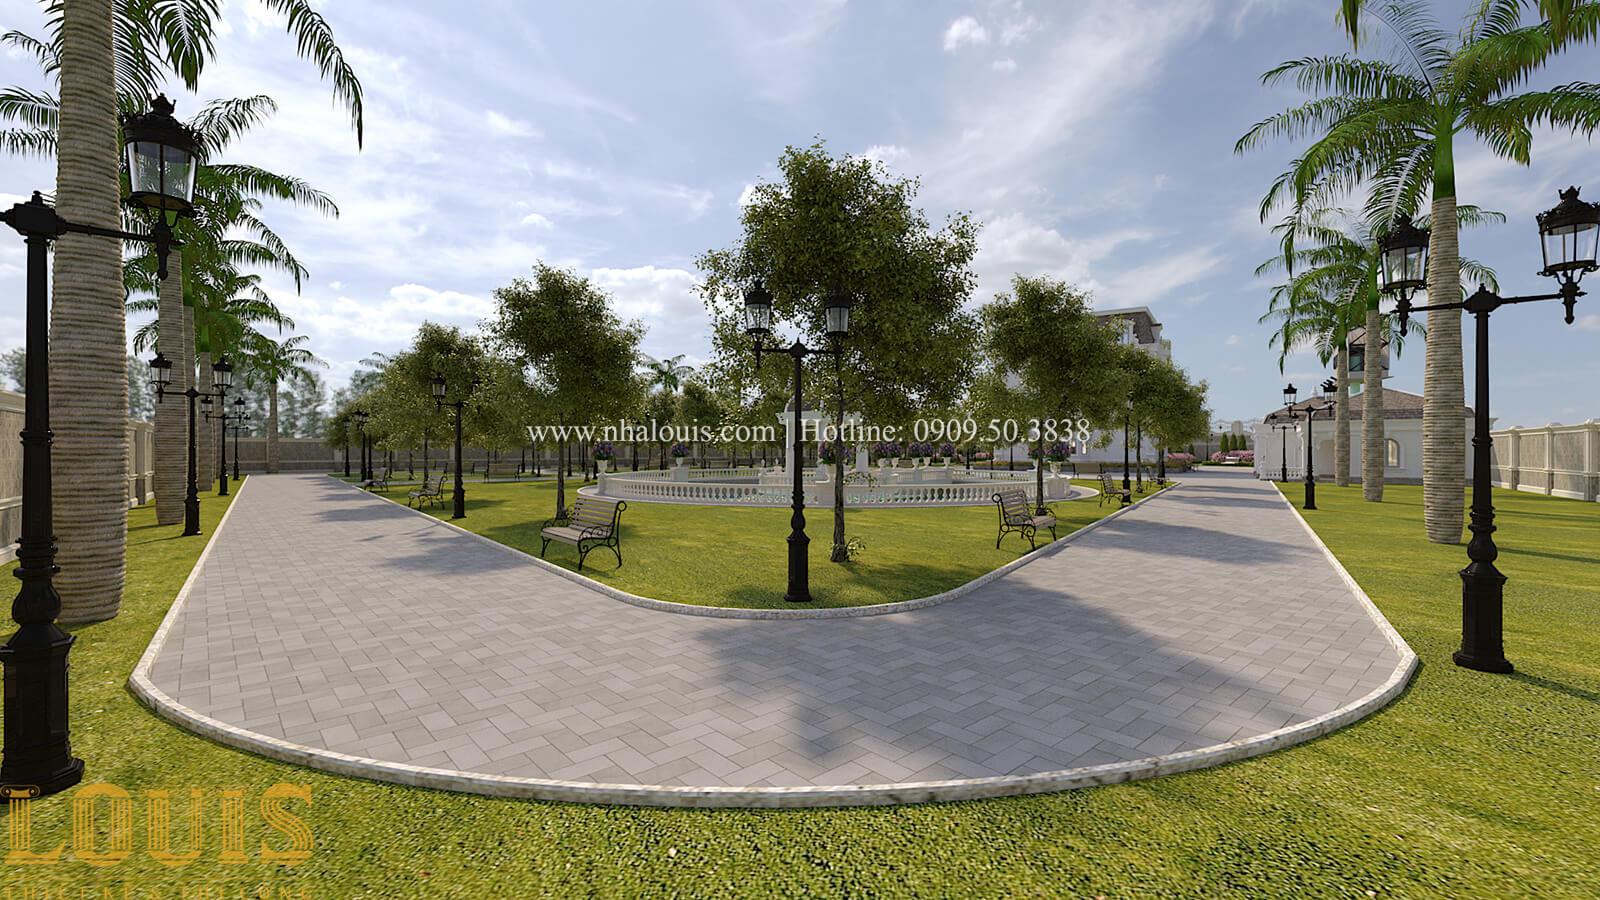 Sân vườn biệt thự cổ điển kiểu Pháp đẳng cấp tại Đồng Nai - 77